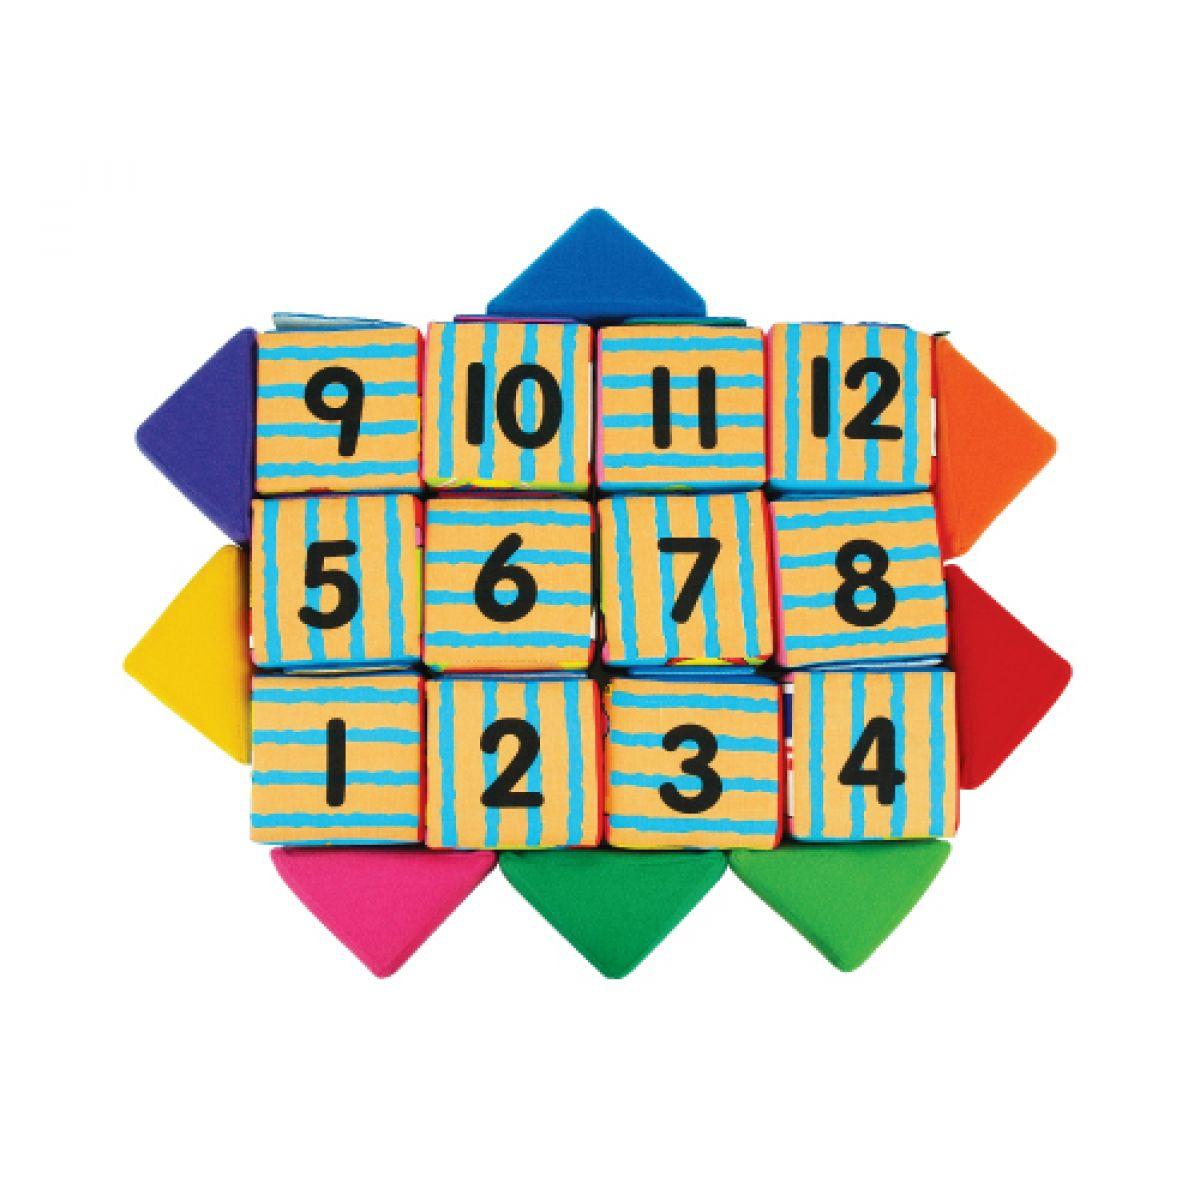 K's Kids Sada veselých látkových kostek a trojúhelníků #6